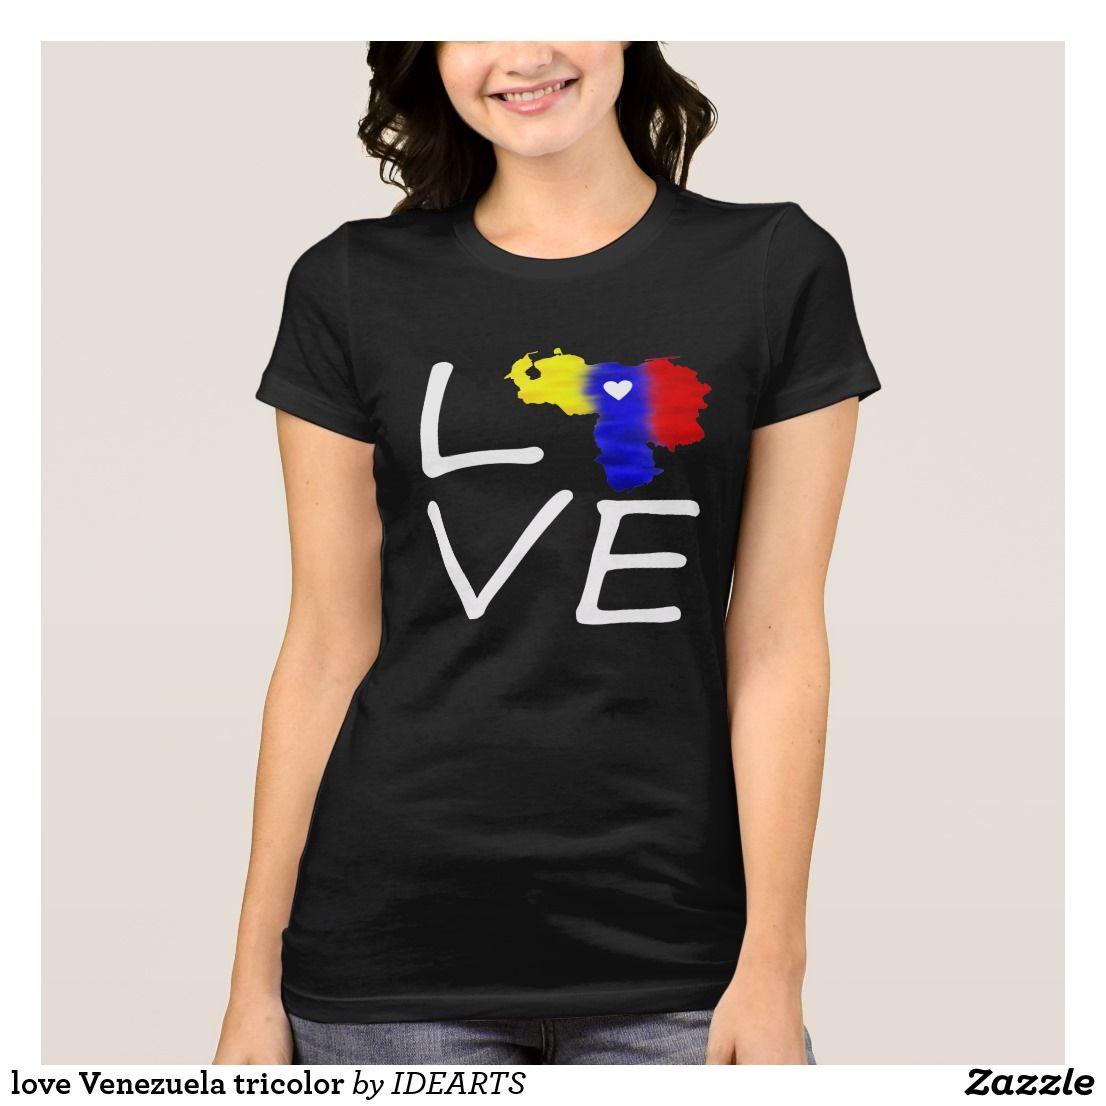 919084d41ad1f Camiseta love Venezuela tricolor